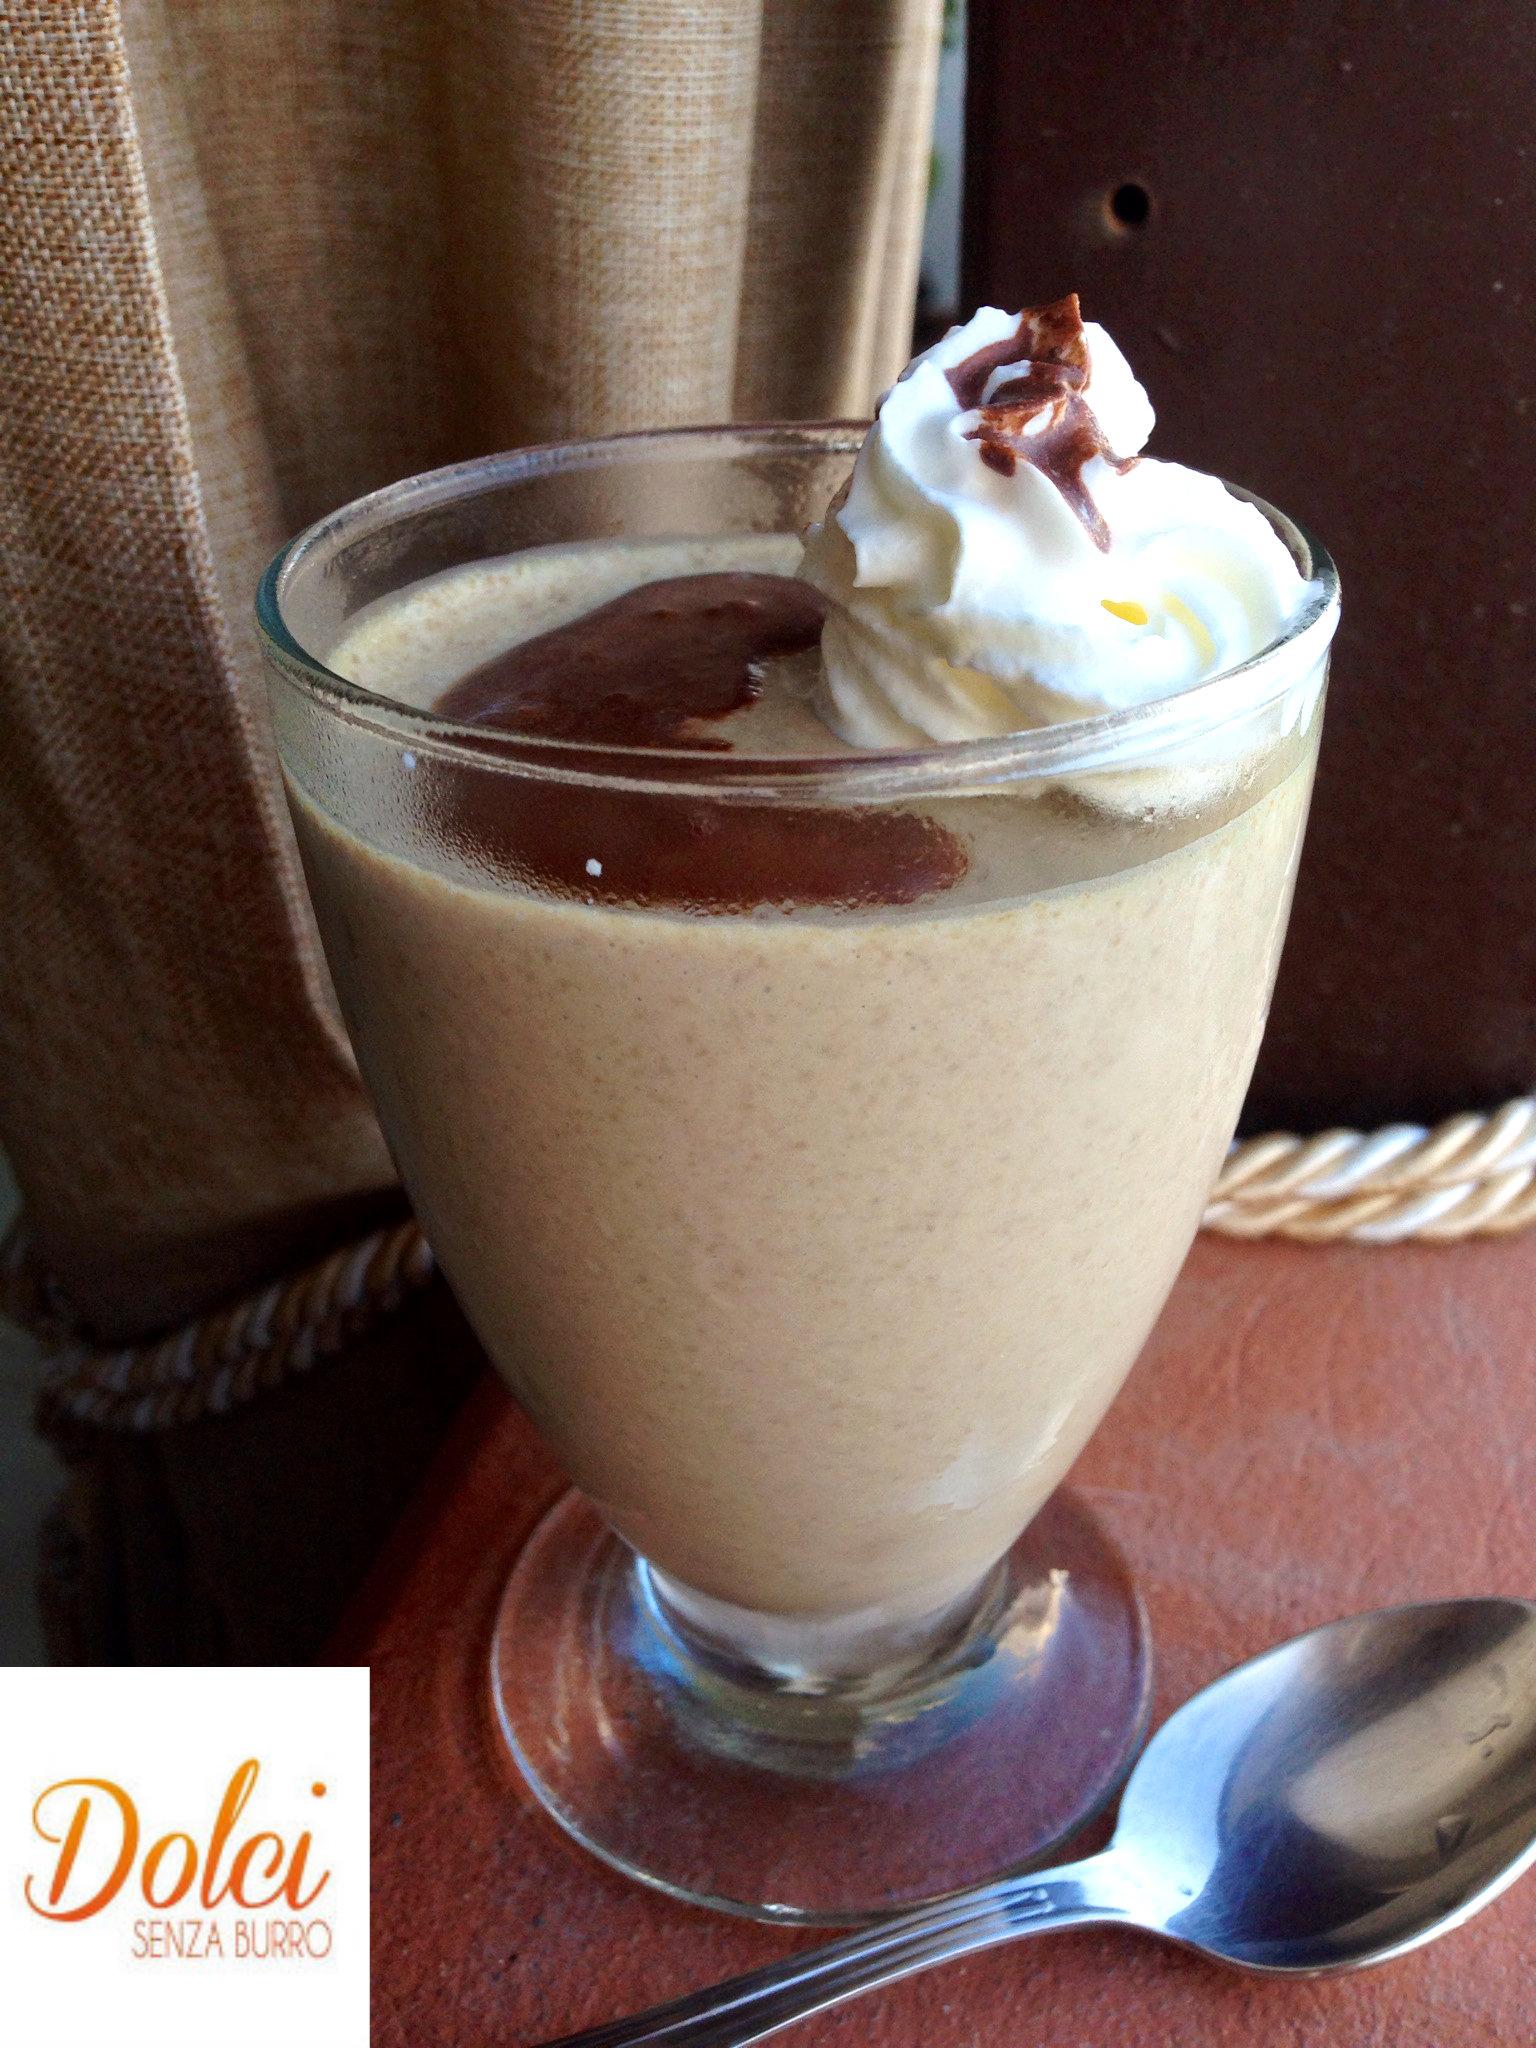 Il semifreddo al caffè, fresco goloso e senza lattosio di dolci senza burro